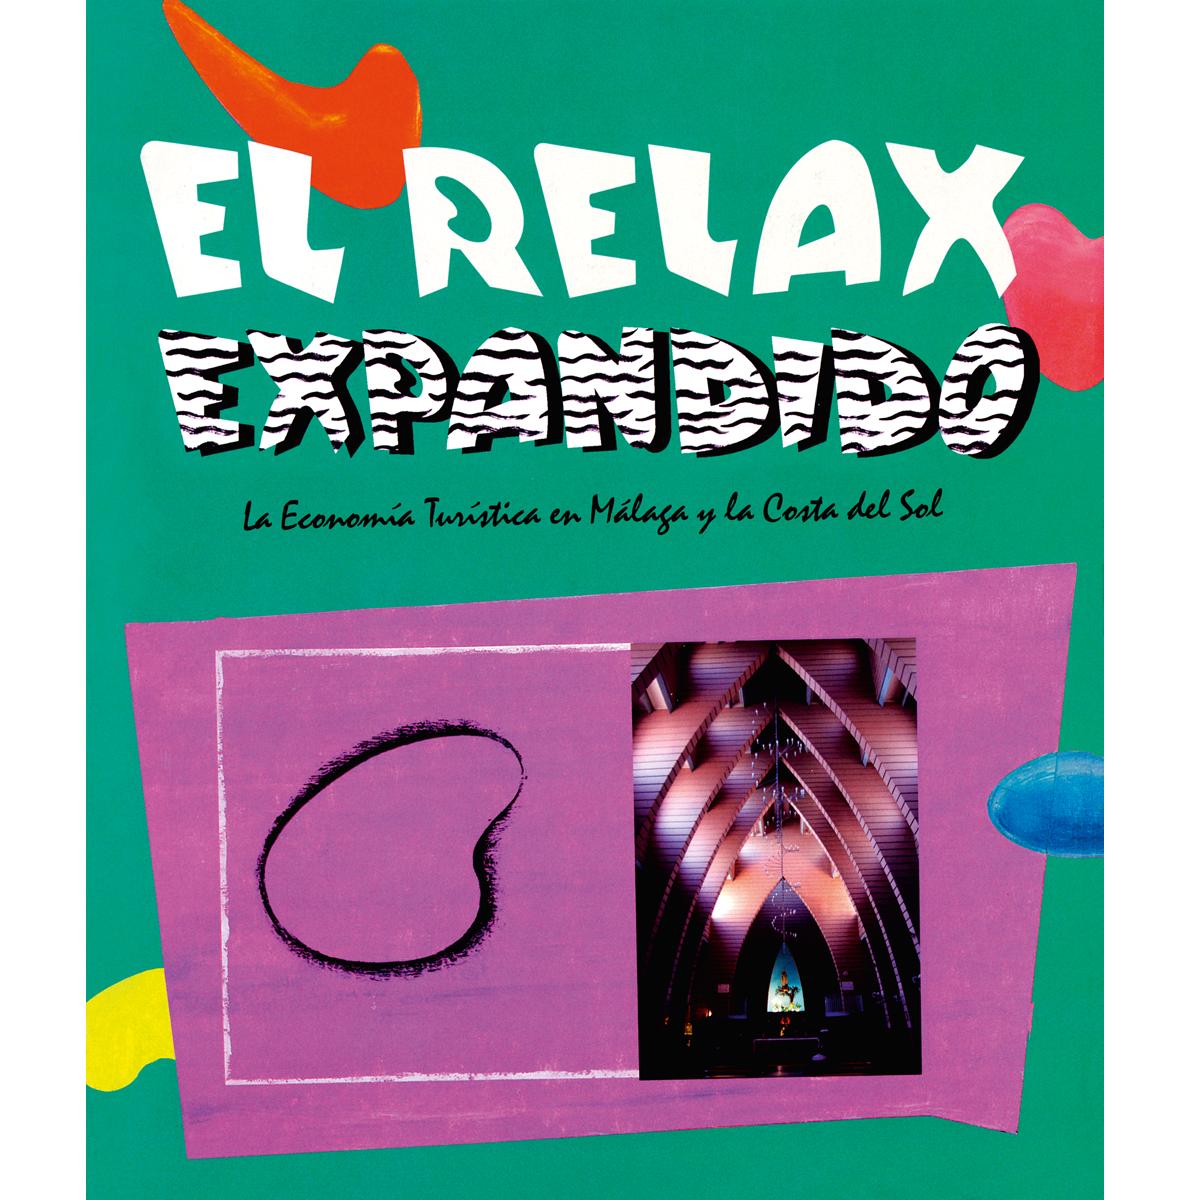 El relax expandido